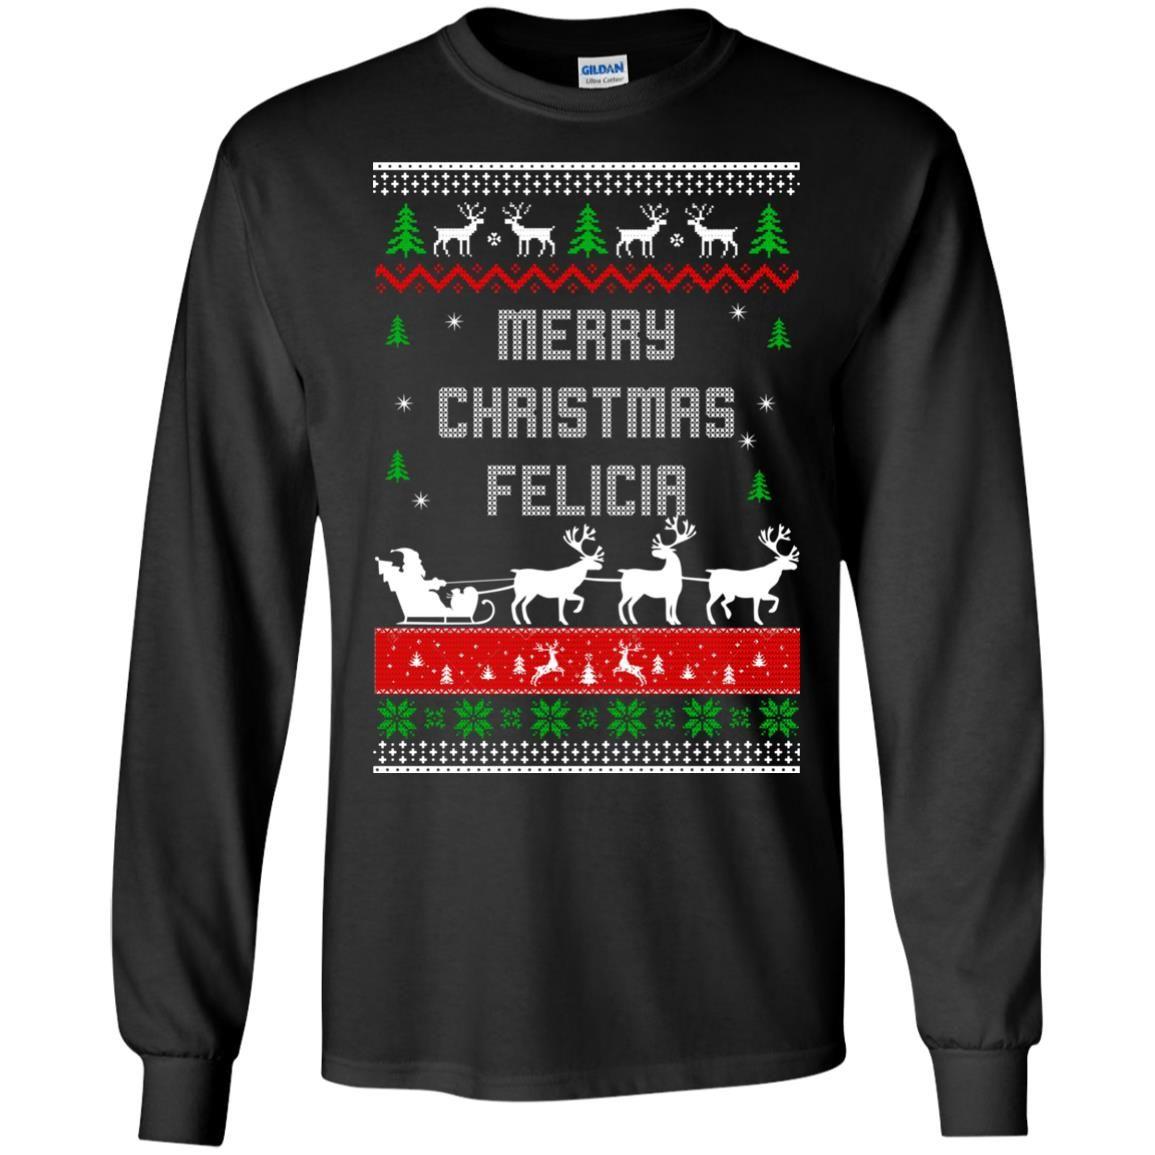 image 1671 - Raxo Merry Christmas Felicia ugly sweater, hoodie